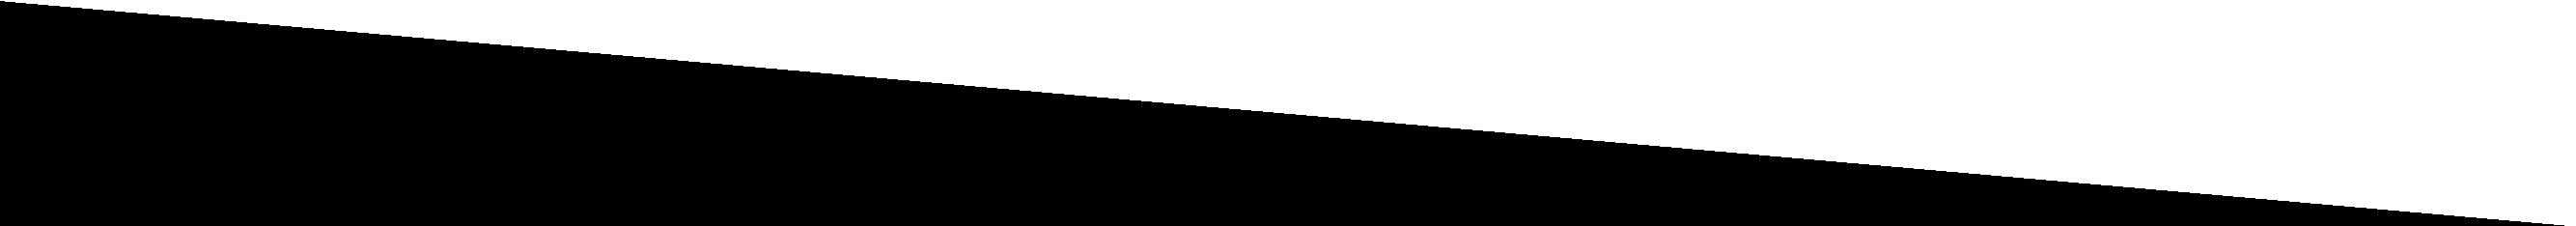 wit-omlaag